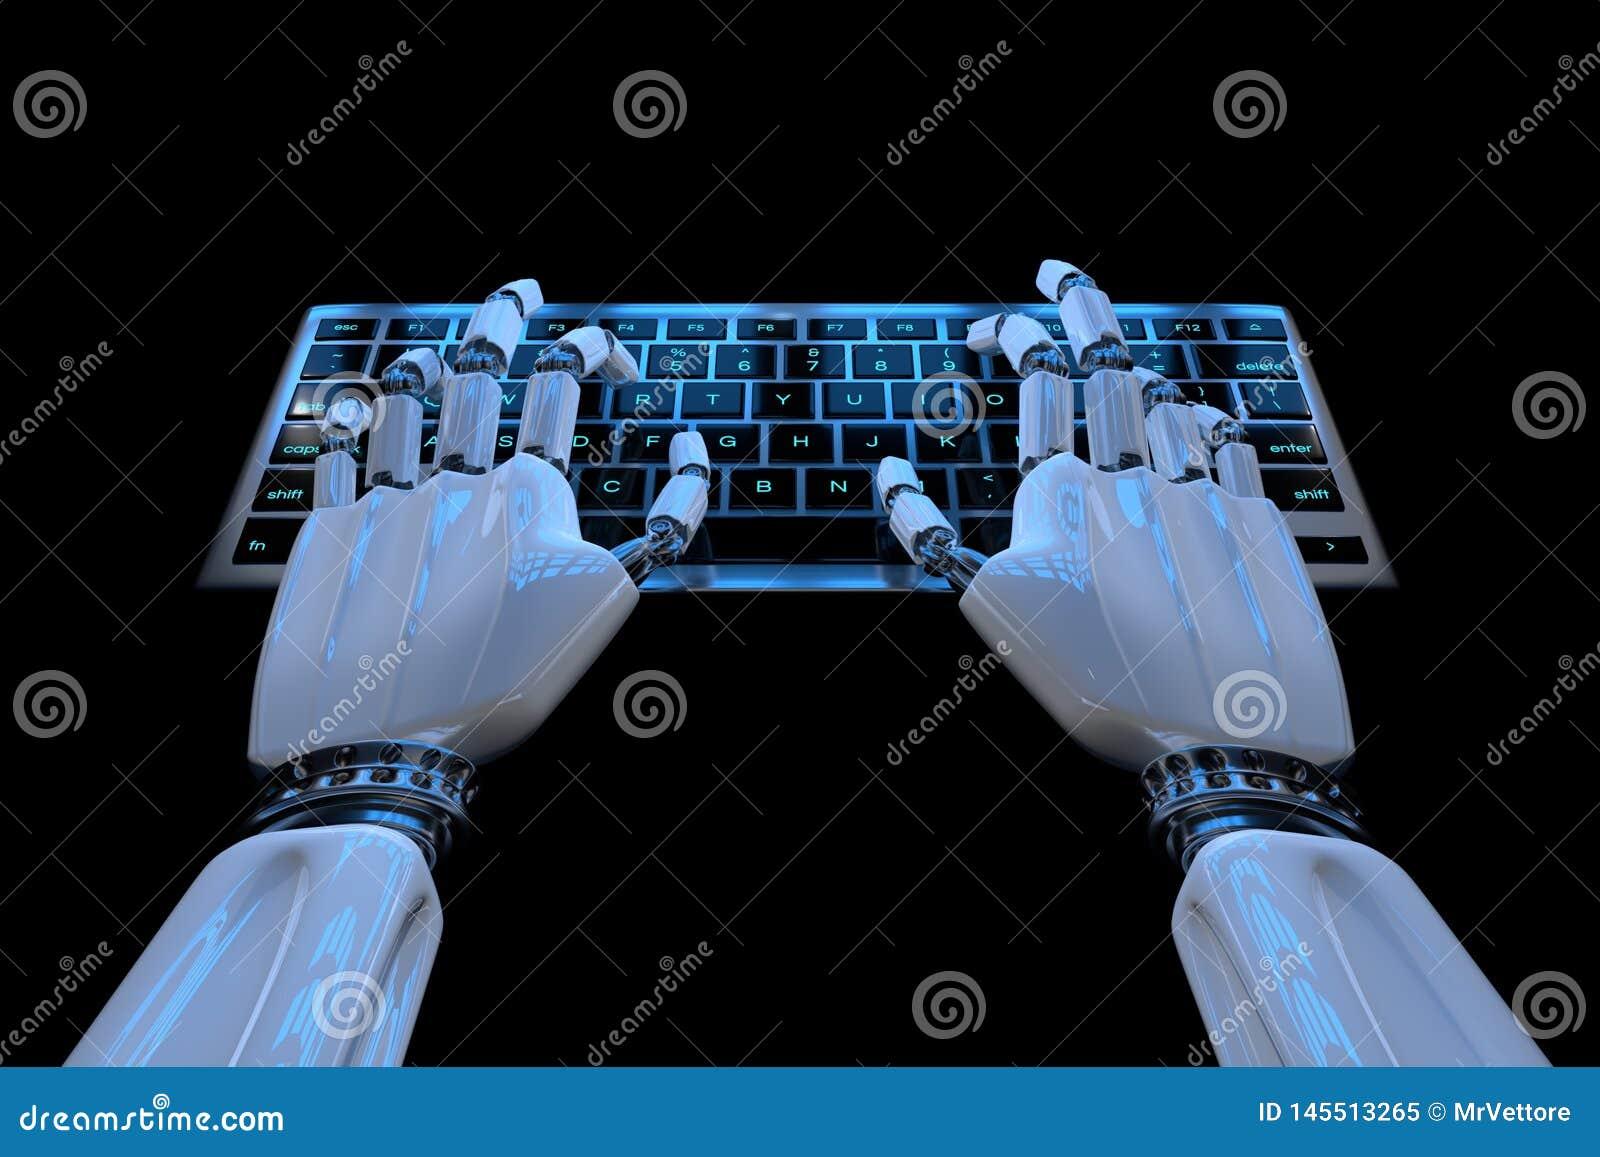 Ai уча руки робота концепции печатая на клавиатуре, кнопочной панели Робототехнический киборг руки используя компьютер 3d предста